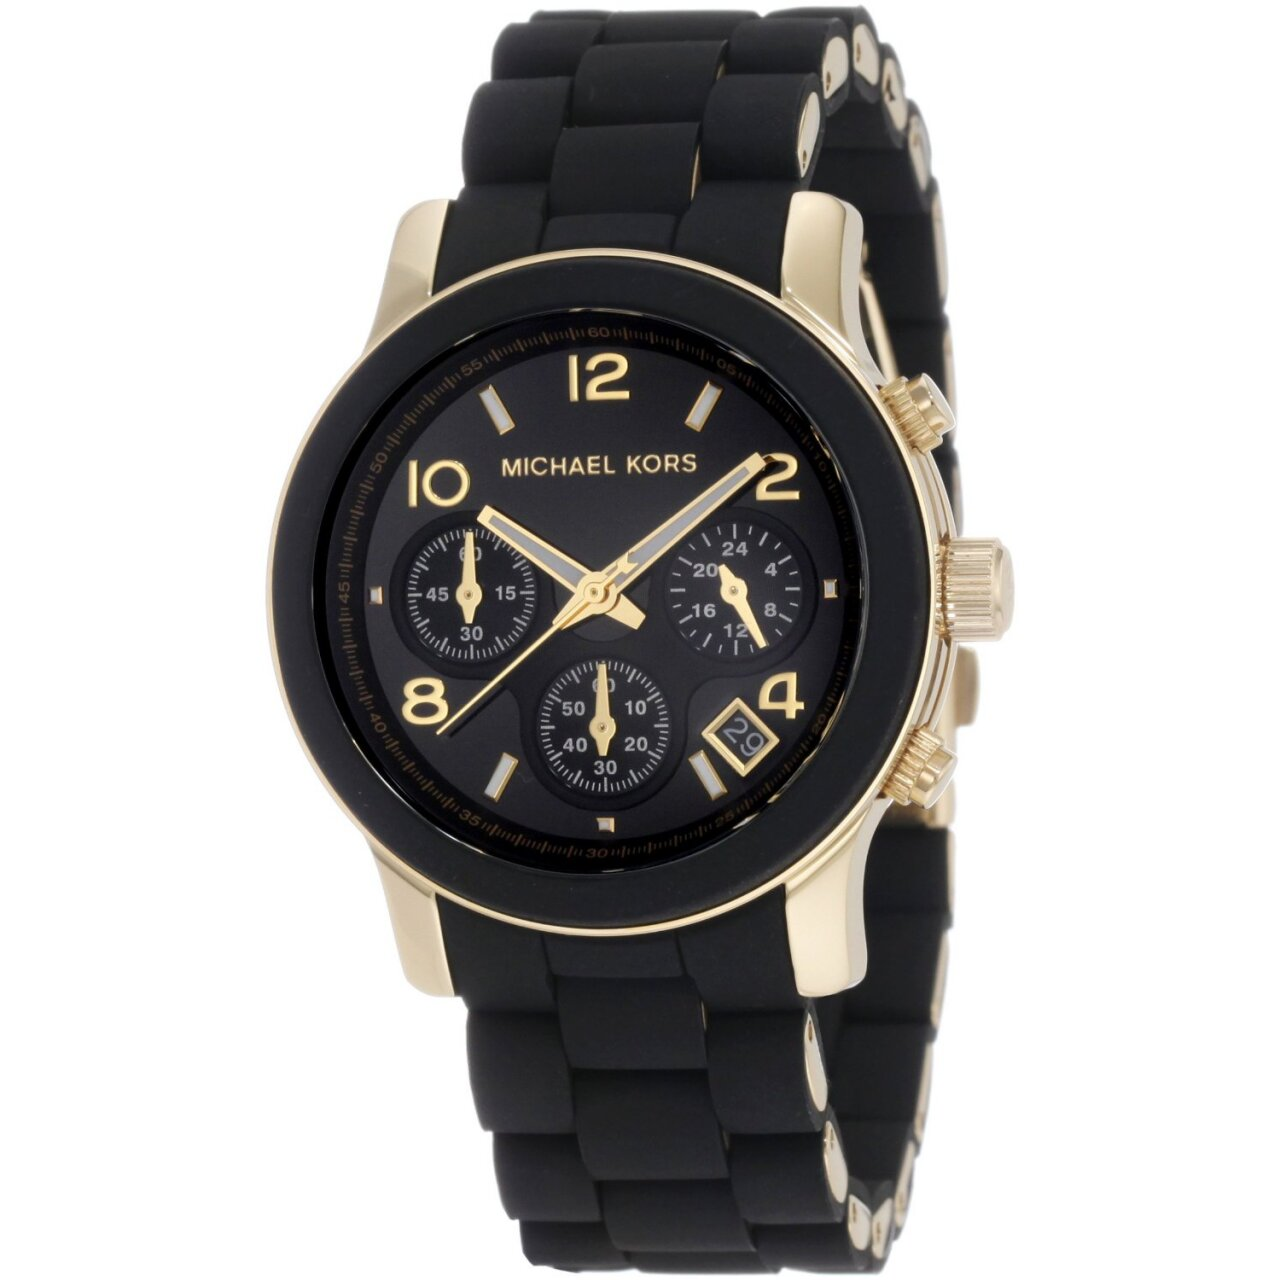 5 mẫu đồng hồ Michael Kors được ưa chuộng nhất